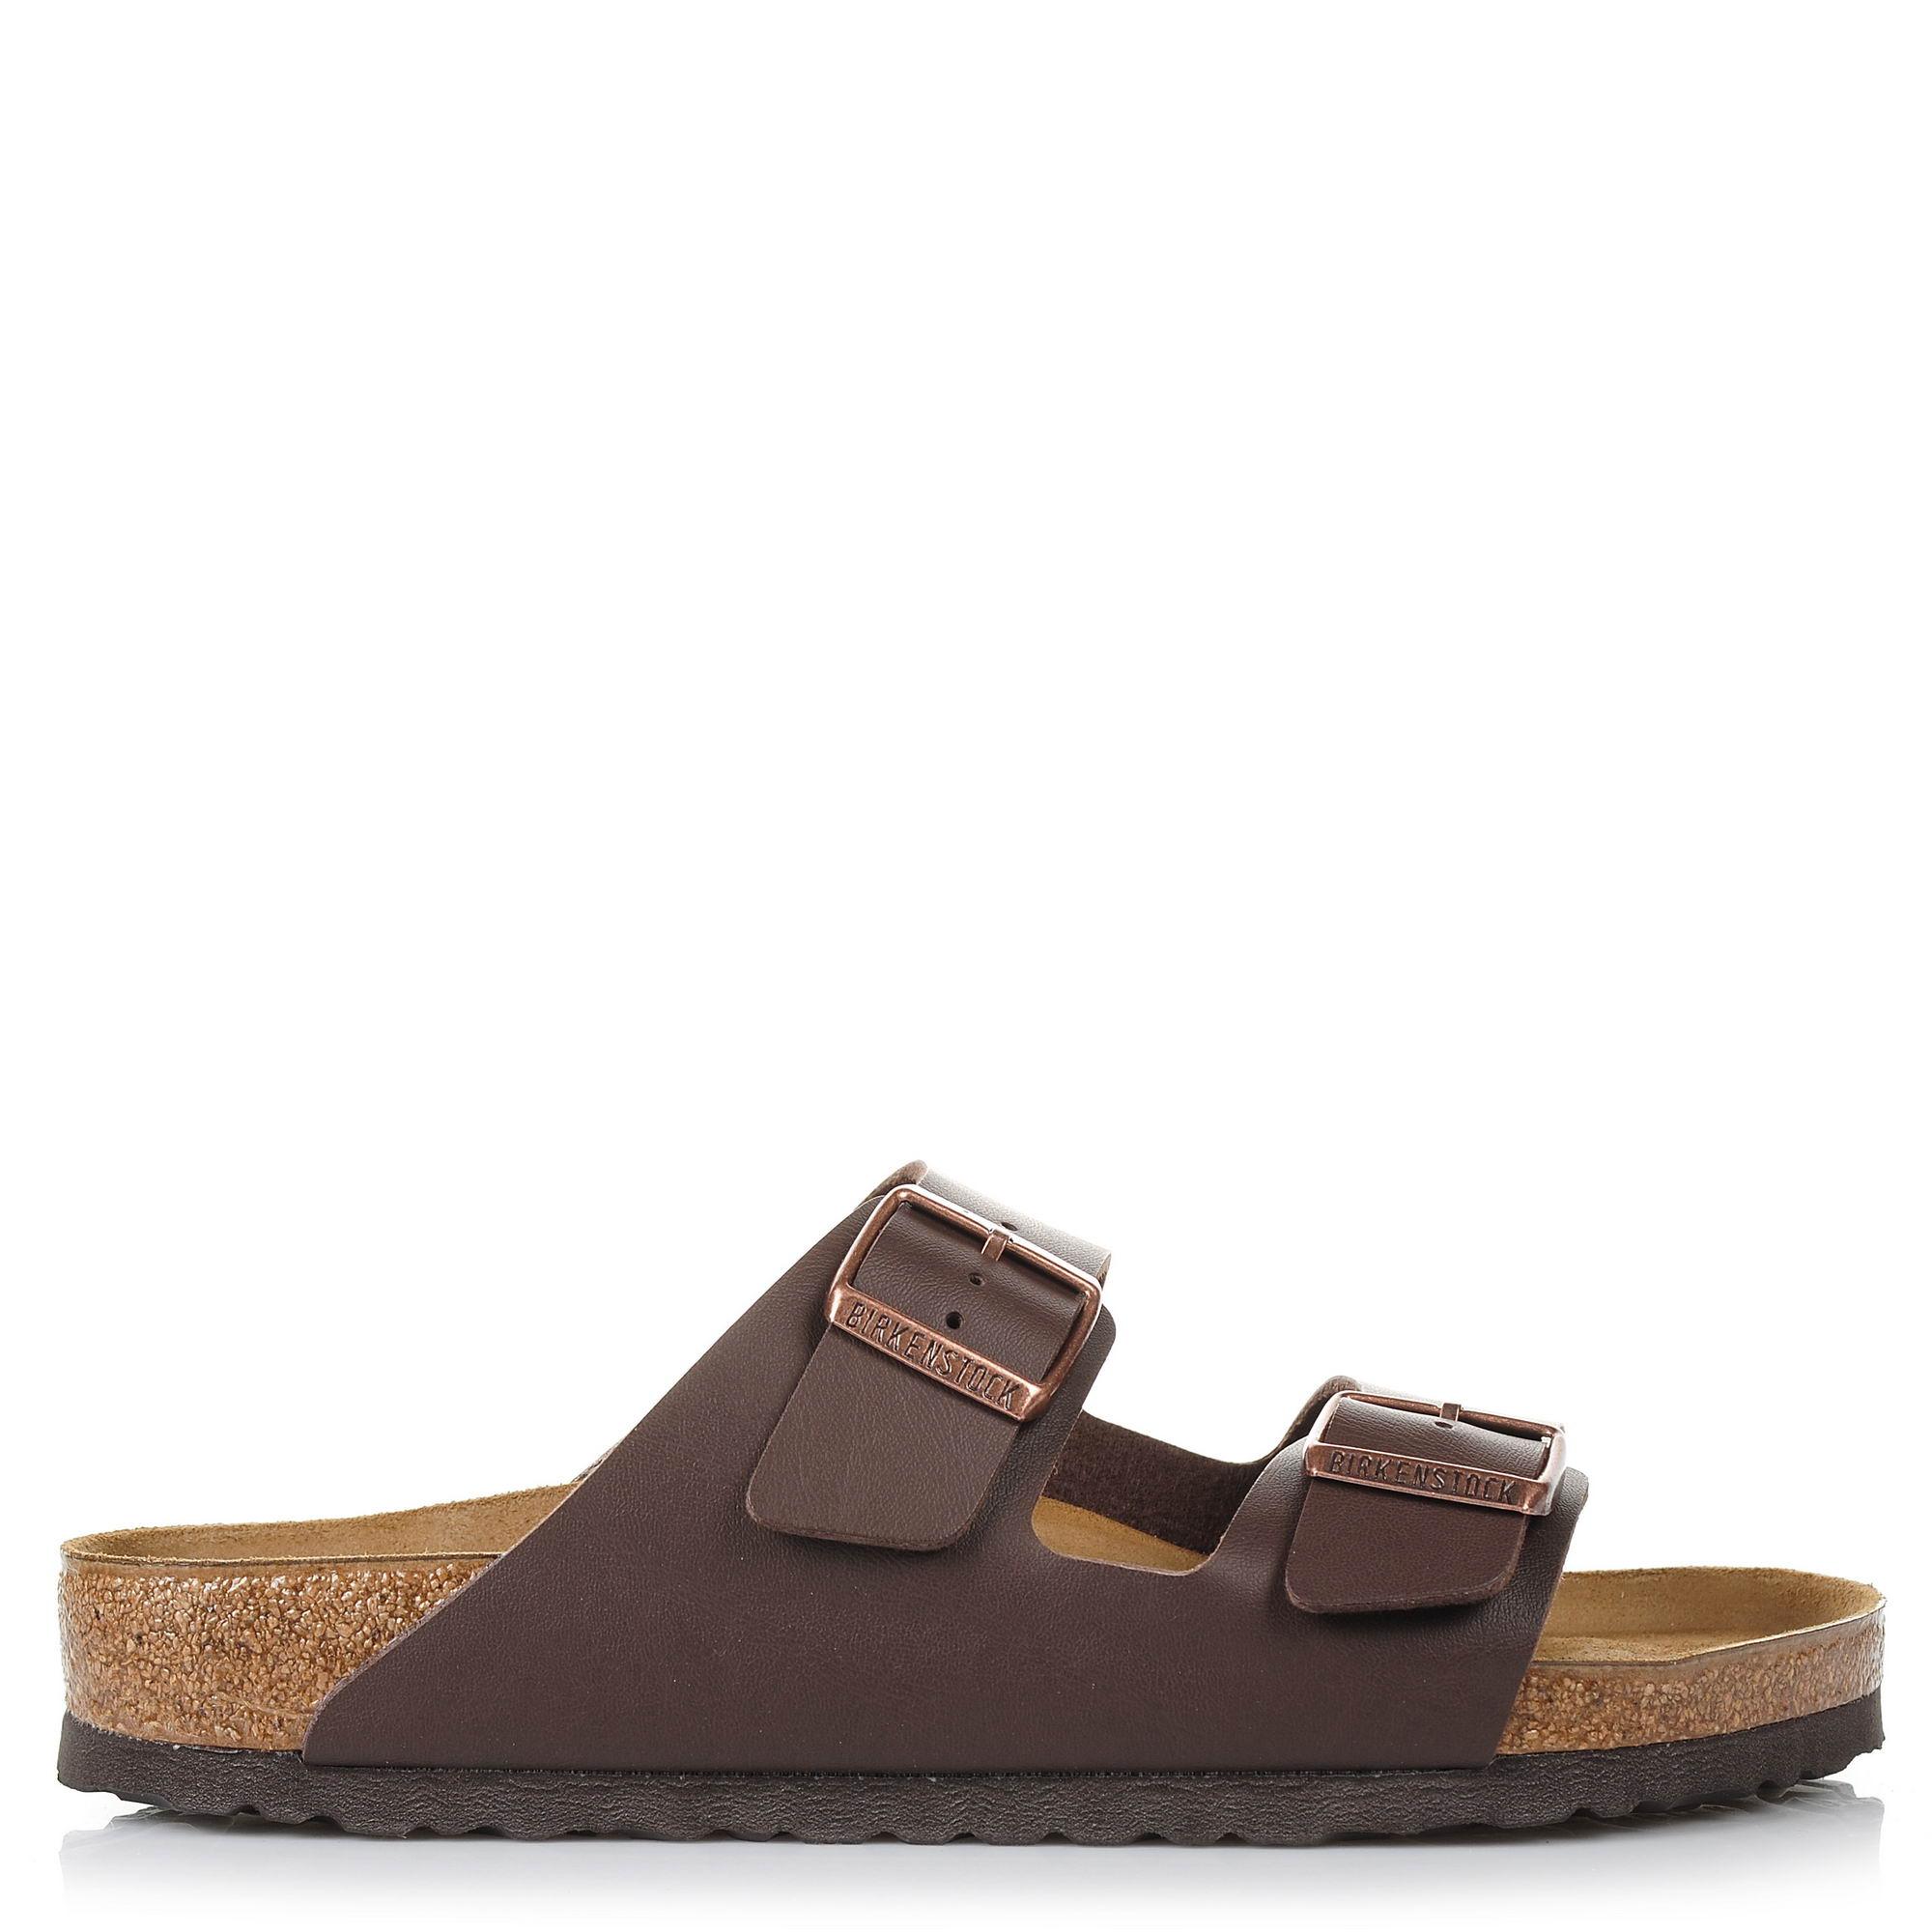 Σανδάλια Birkenstock Arizona Bs 0051701 ανδρας   ανδρικό παπούτσι